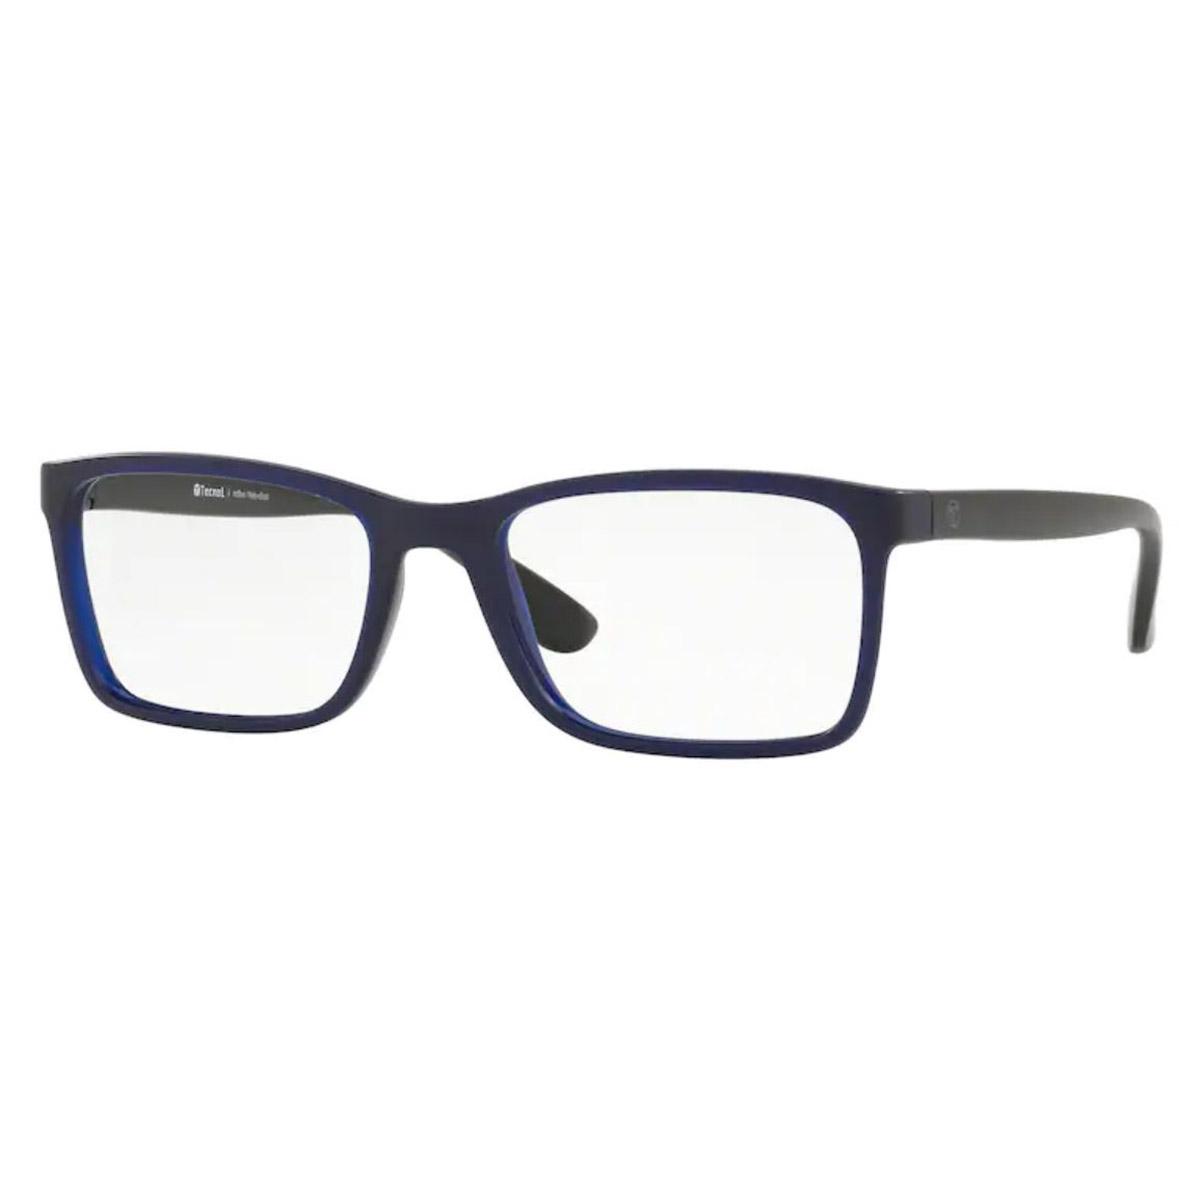 Armação de Óculos Tecnol TN3056 Azul com Preto Fosco